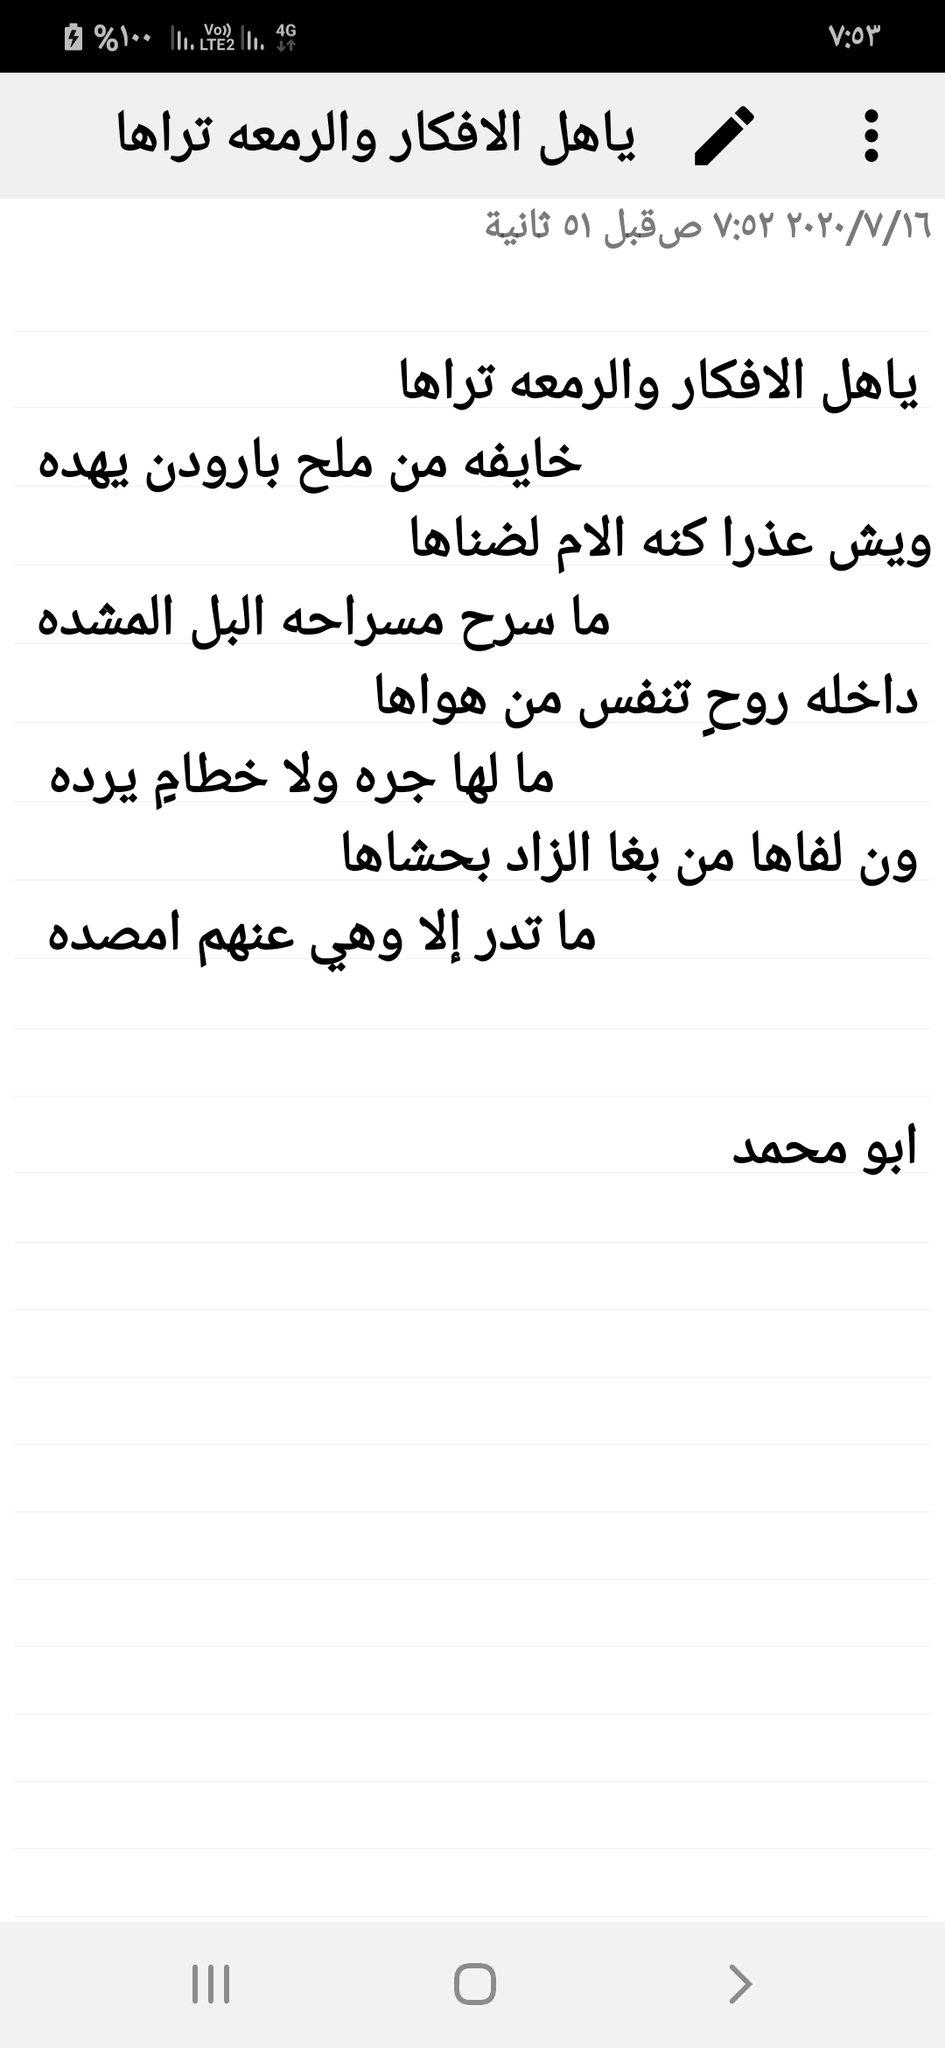 قصيدة اتمنى تنال استحسانكم + لغز للغالين